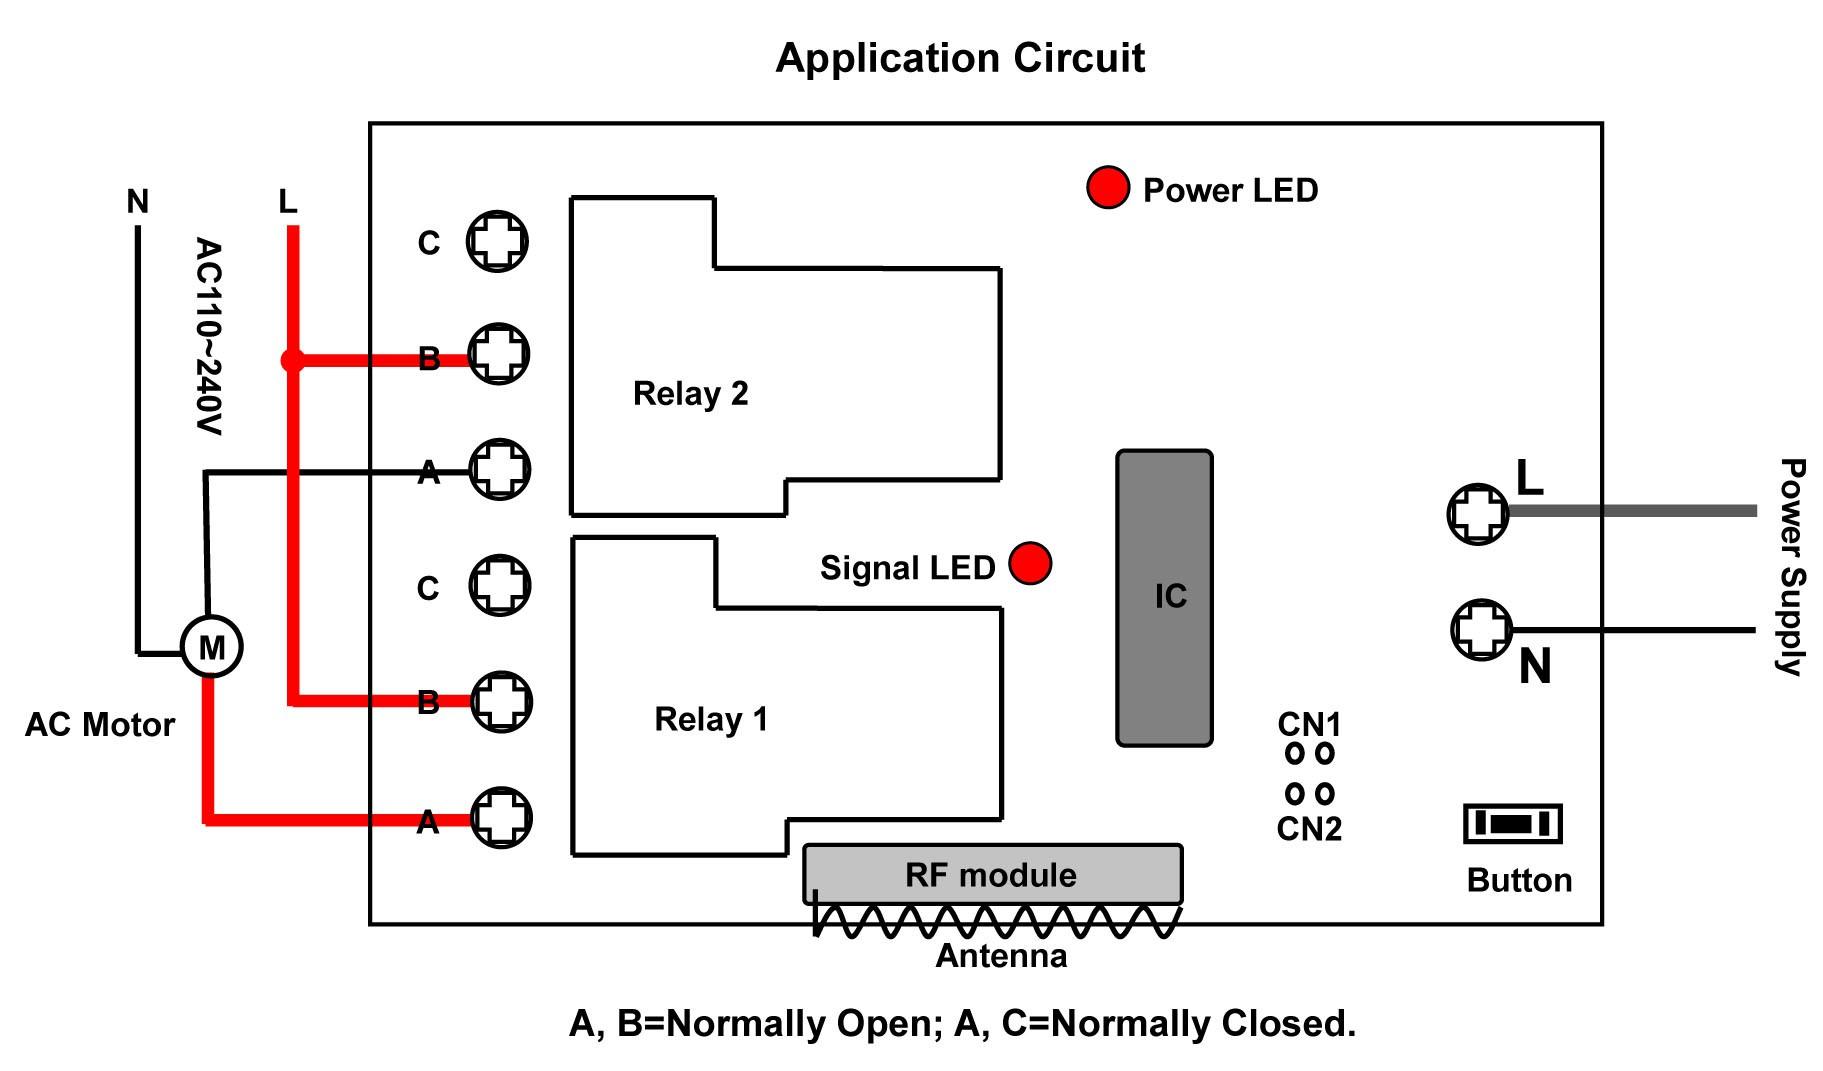 Hayward Pool Pump Motor Wiring Diagram 2 Free Download | Wiring Library - 220V Pool Pump Wiring Diagram